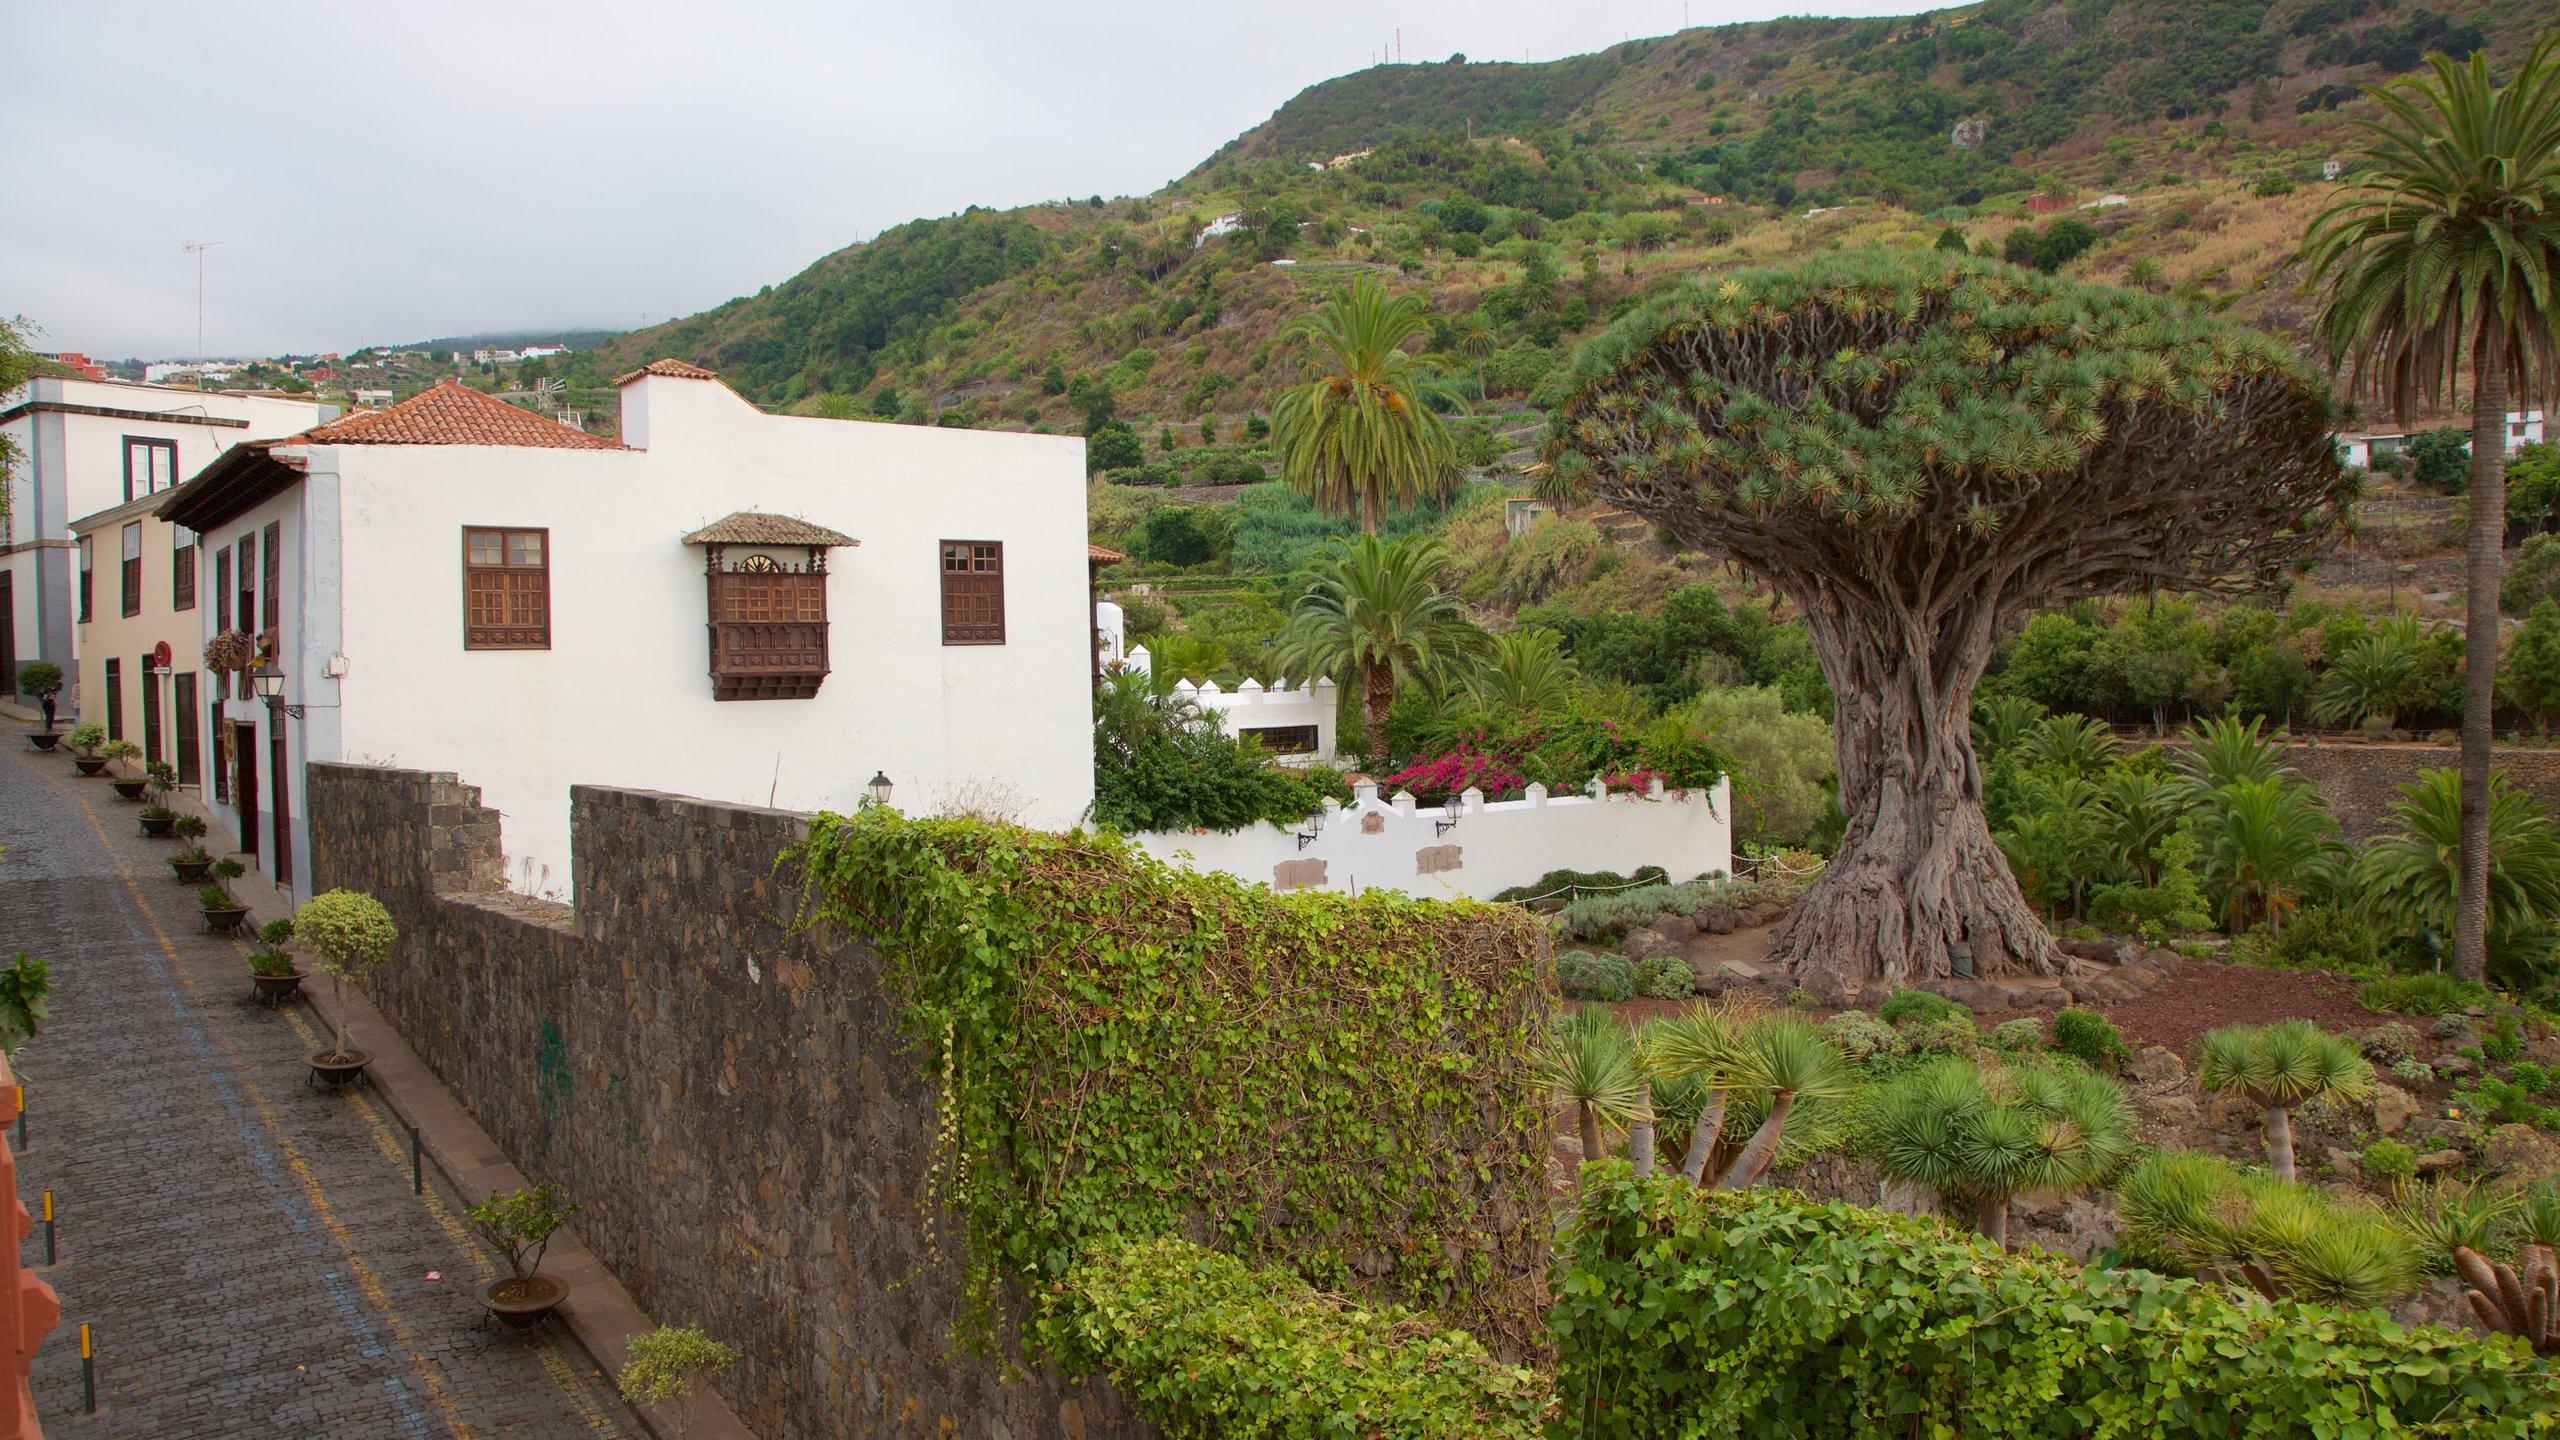 Icod de los Vinos, Canary Islands, Spain